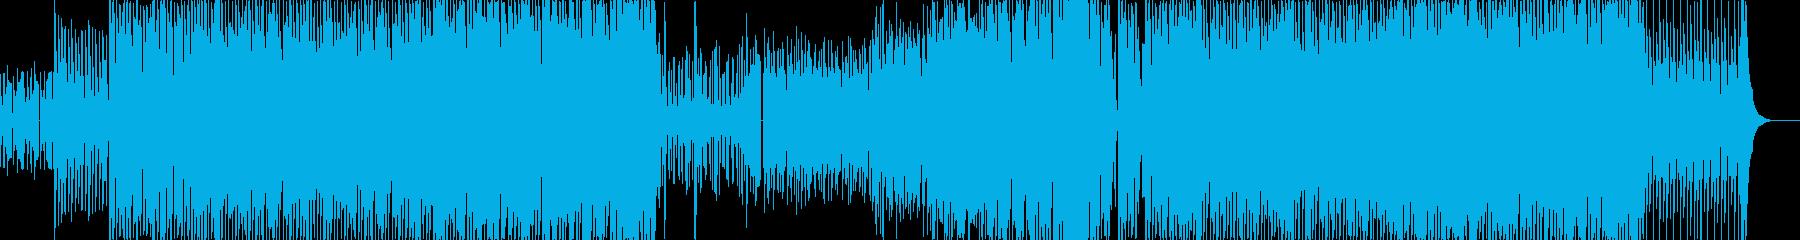 アコギ×ディスコなクール系楽曲の再生済みの波形